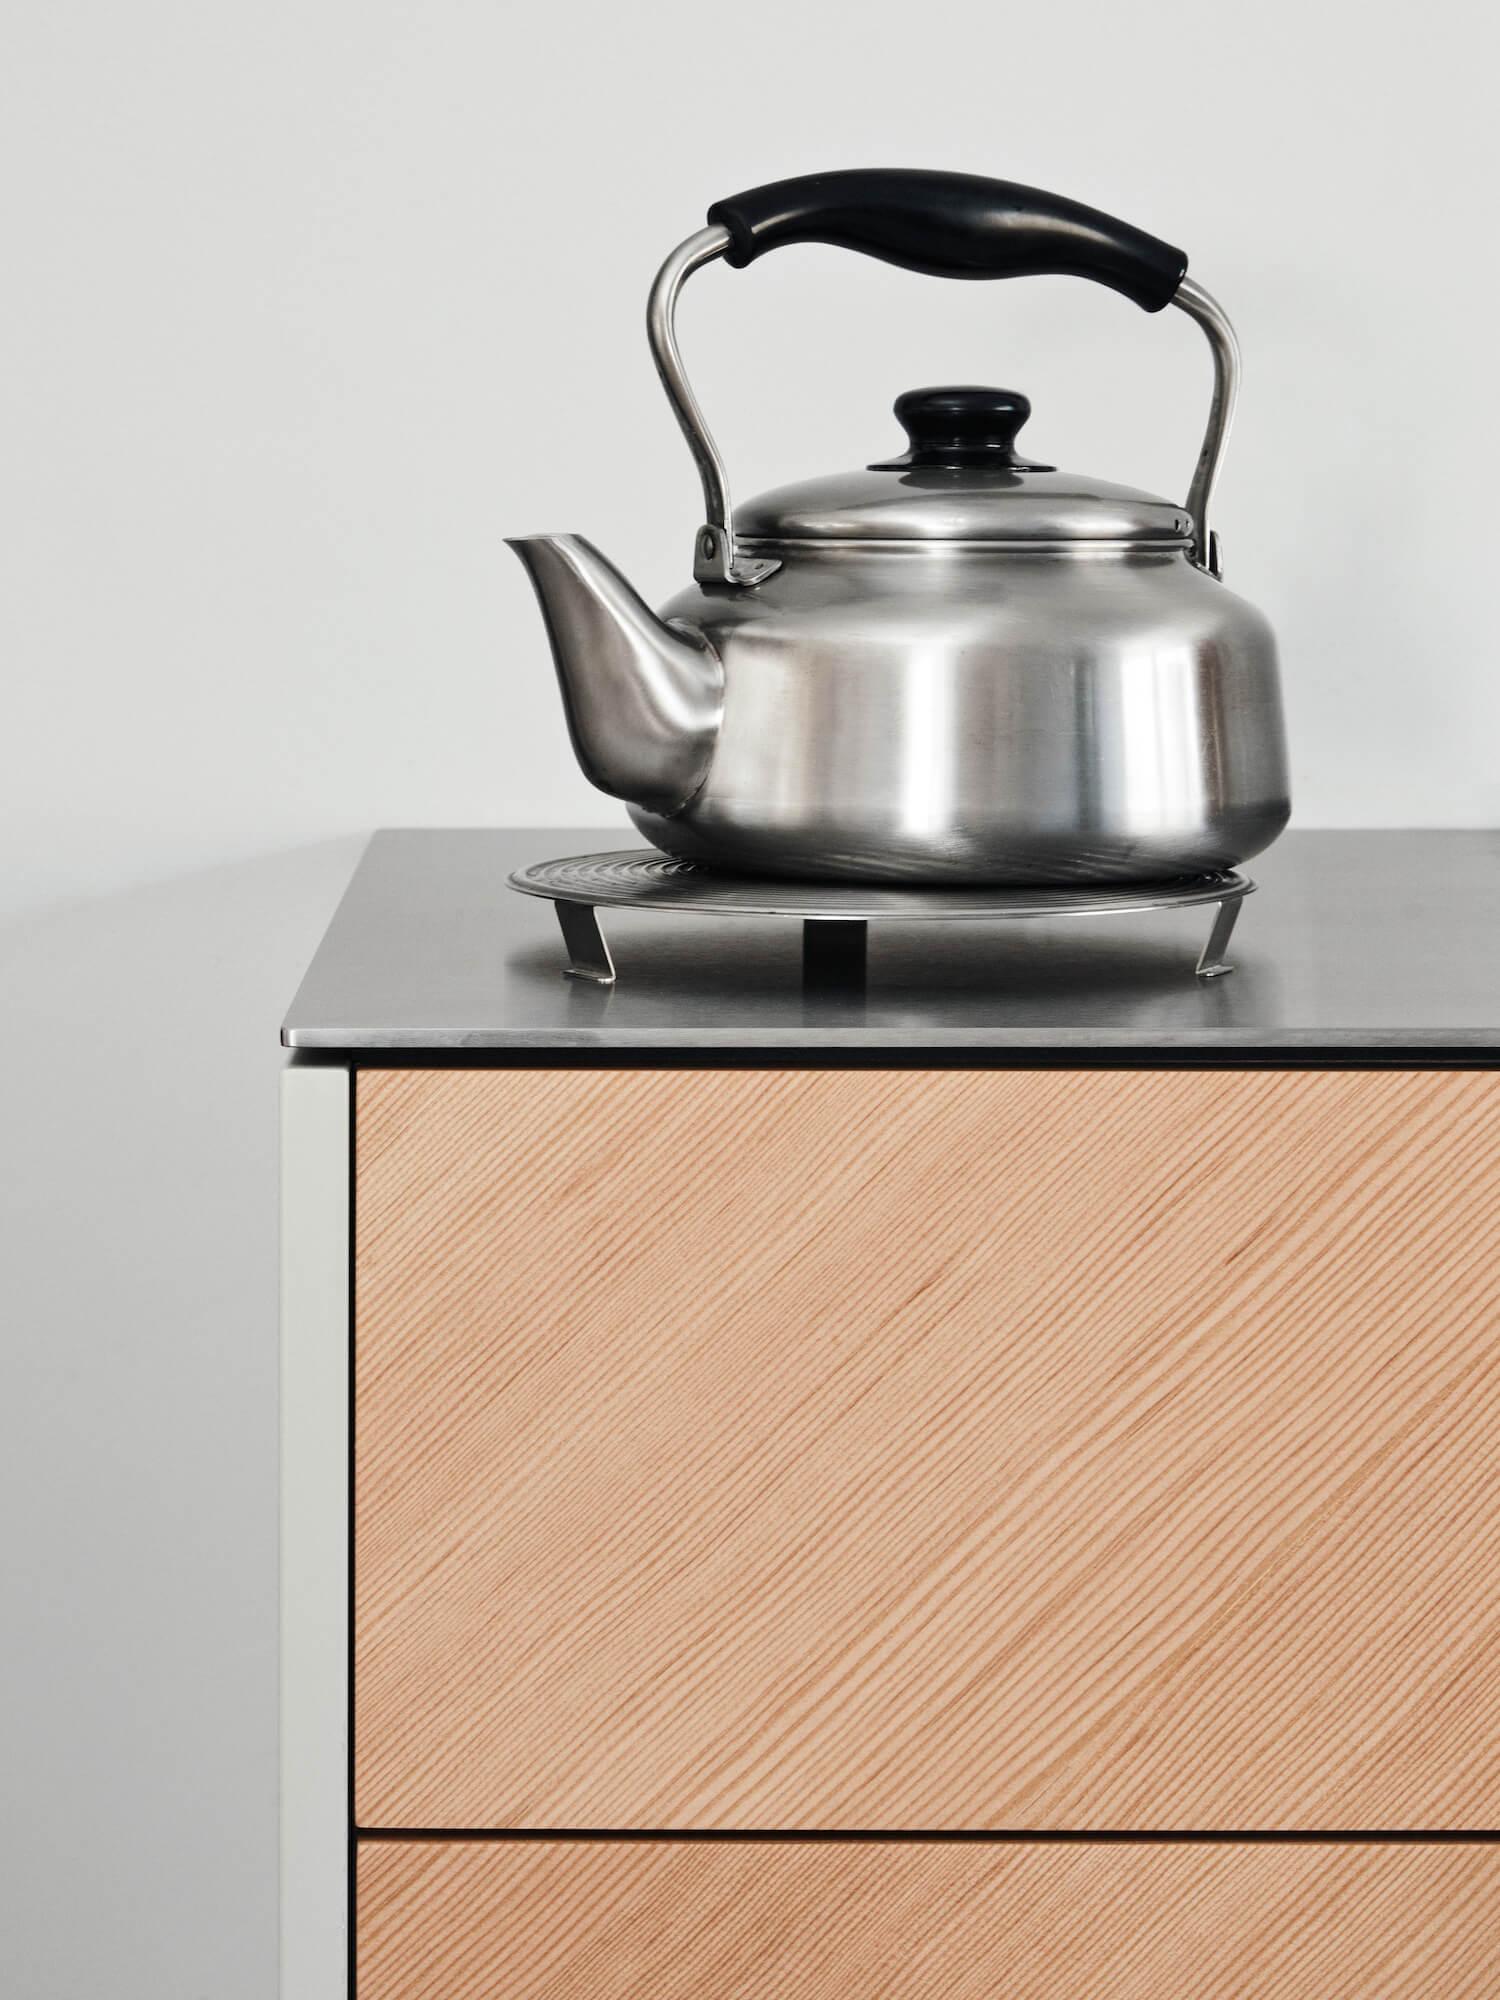 est living stainless steel kitchen reform degree ceclie manz 04